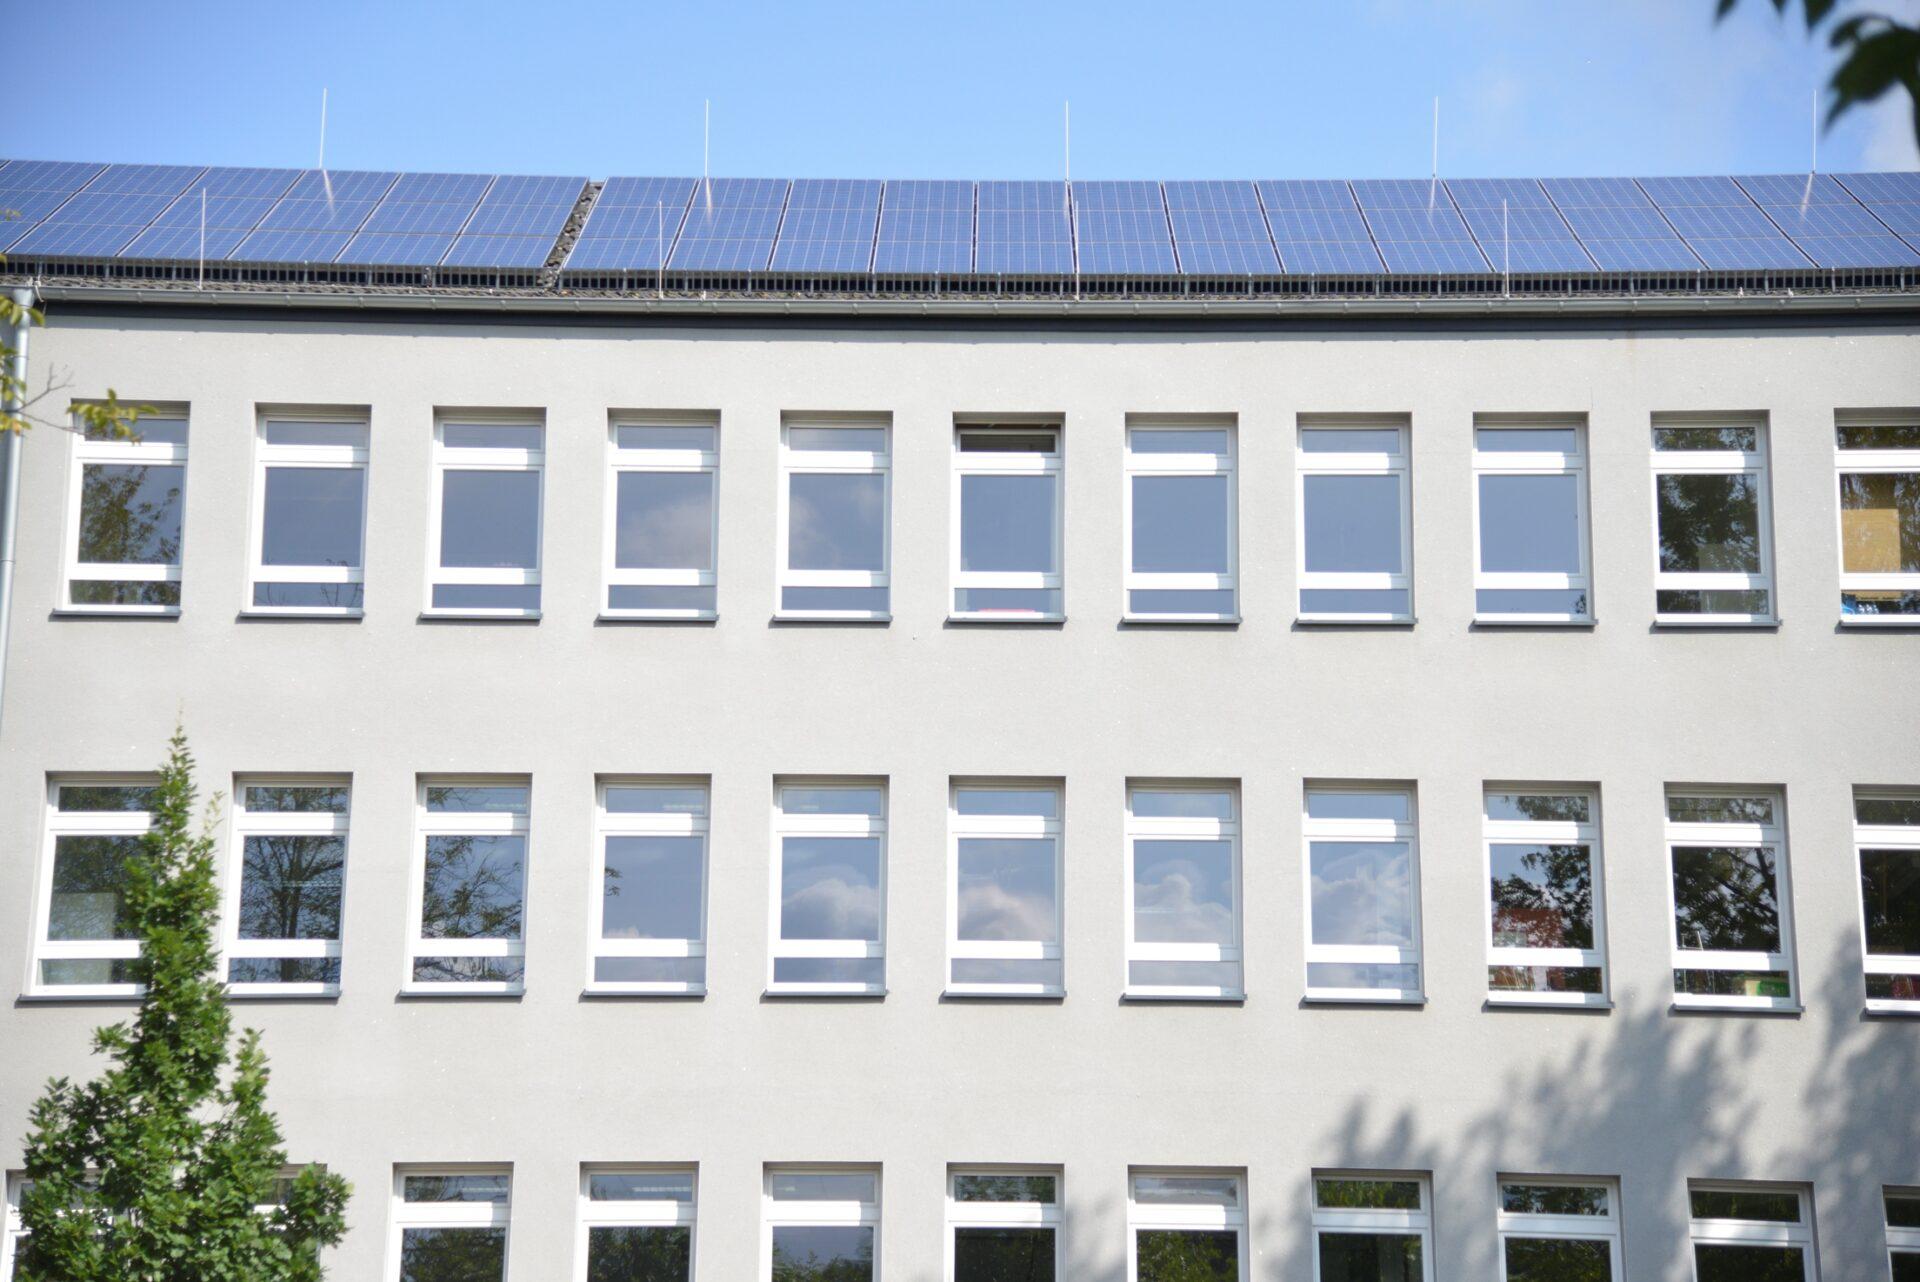 Sondersitzung des Fachausschusses zum Klimaschutz